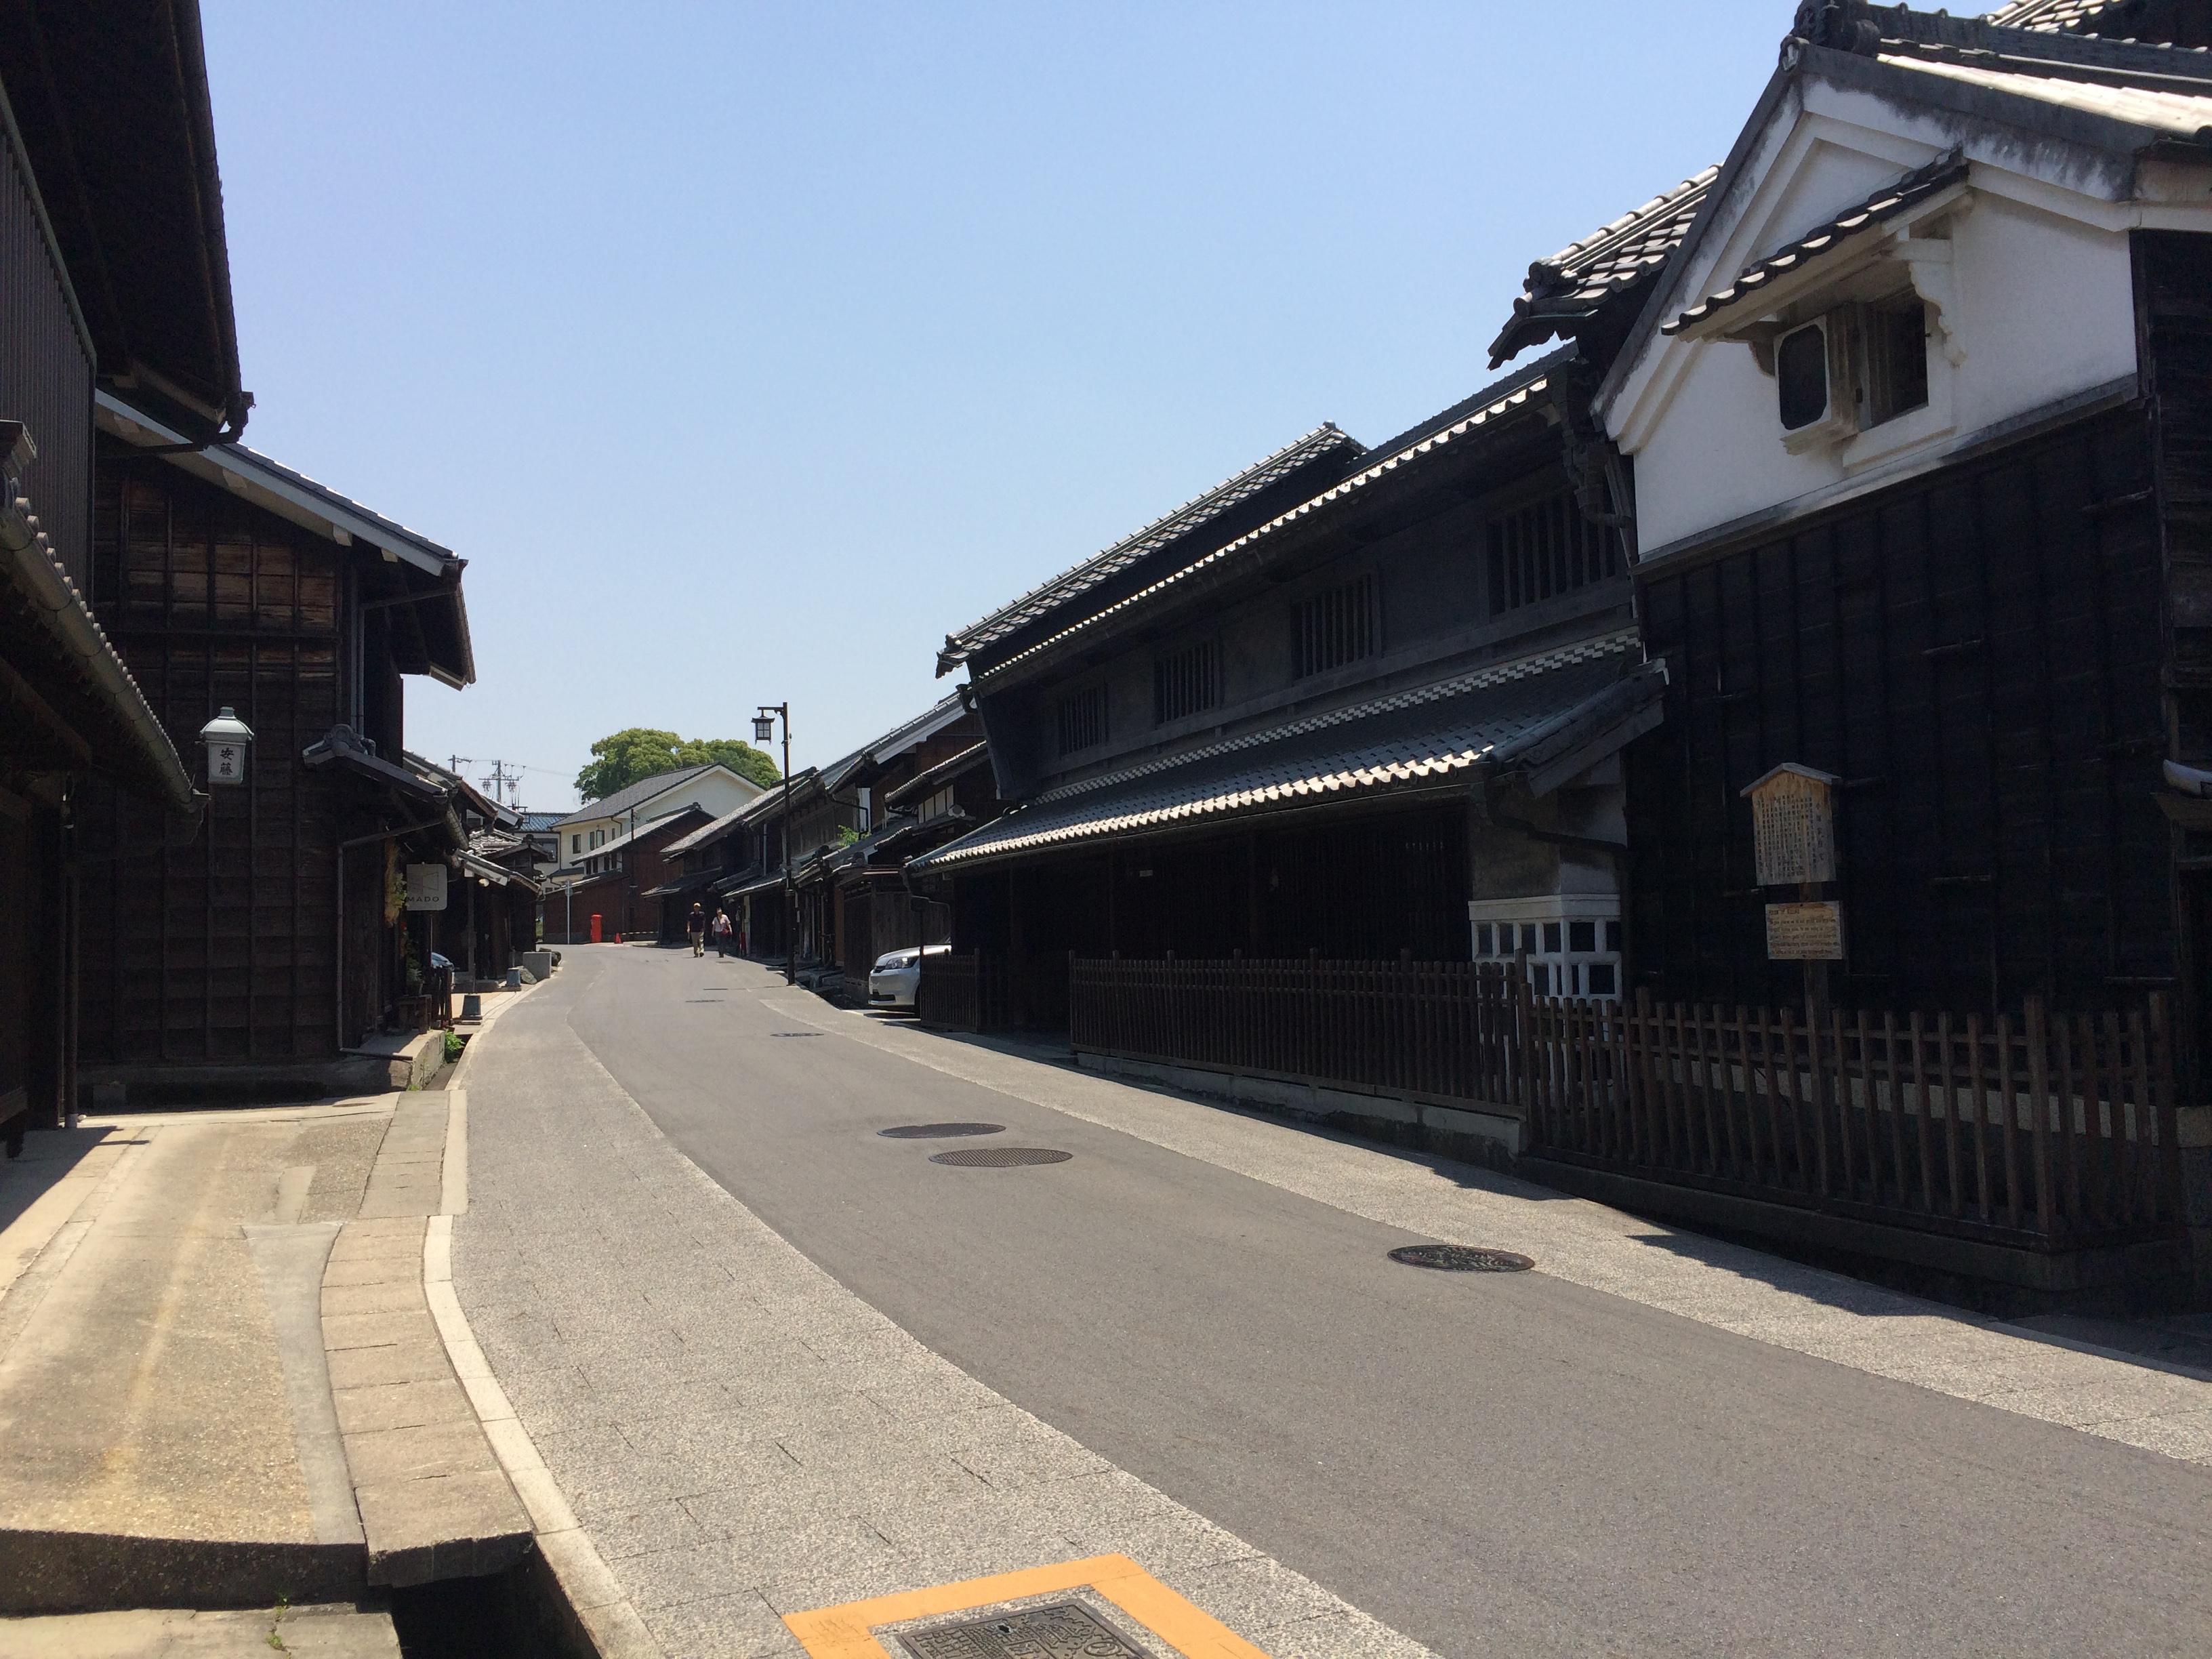 有松の町並みの写真.JPG